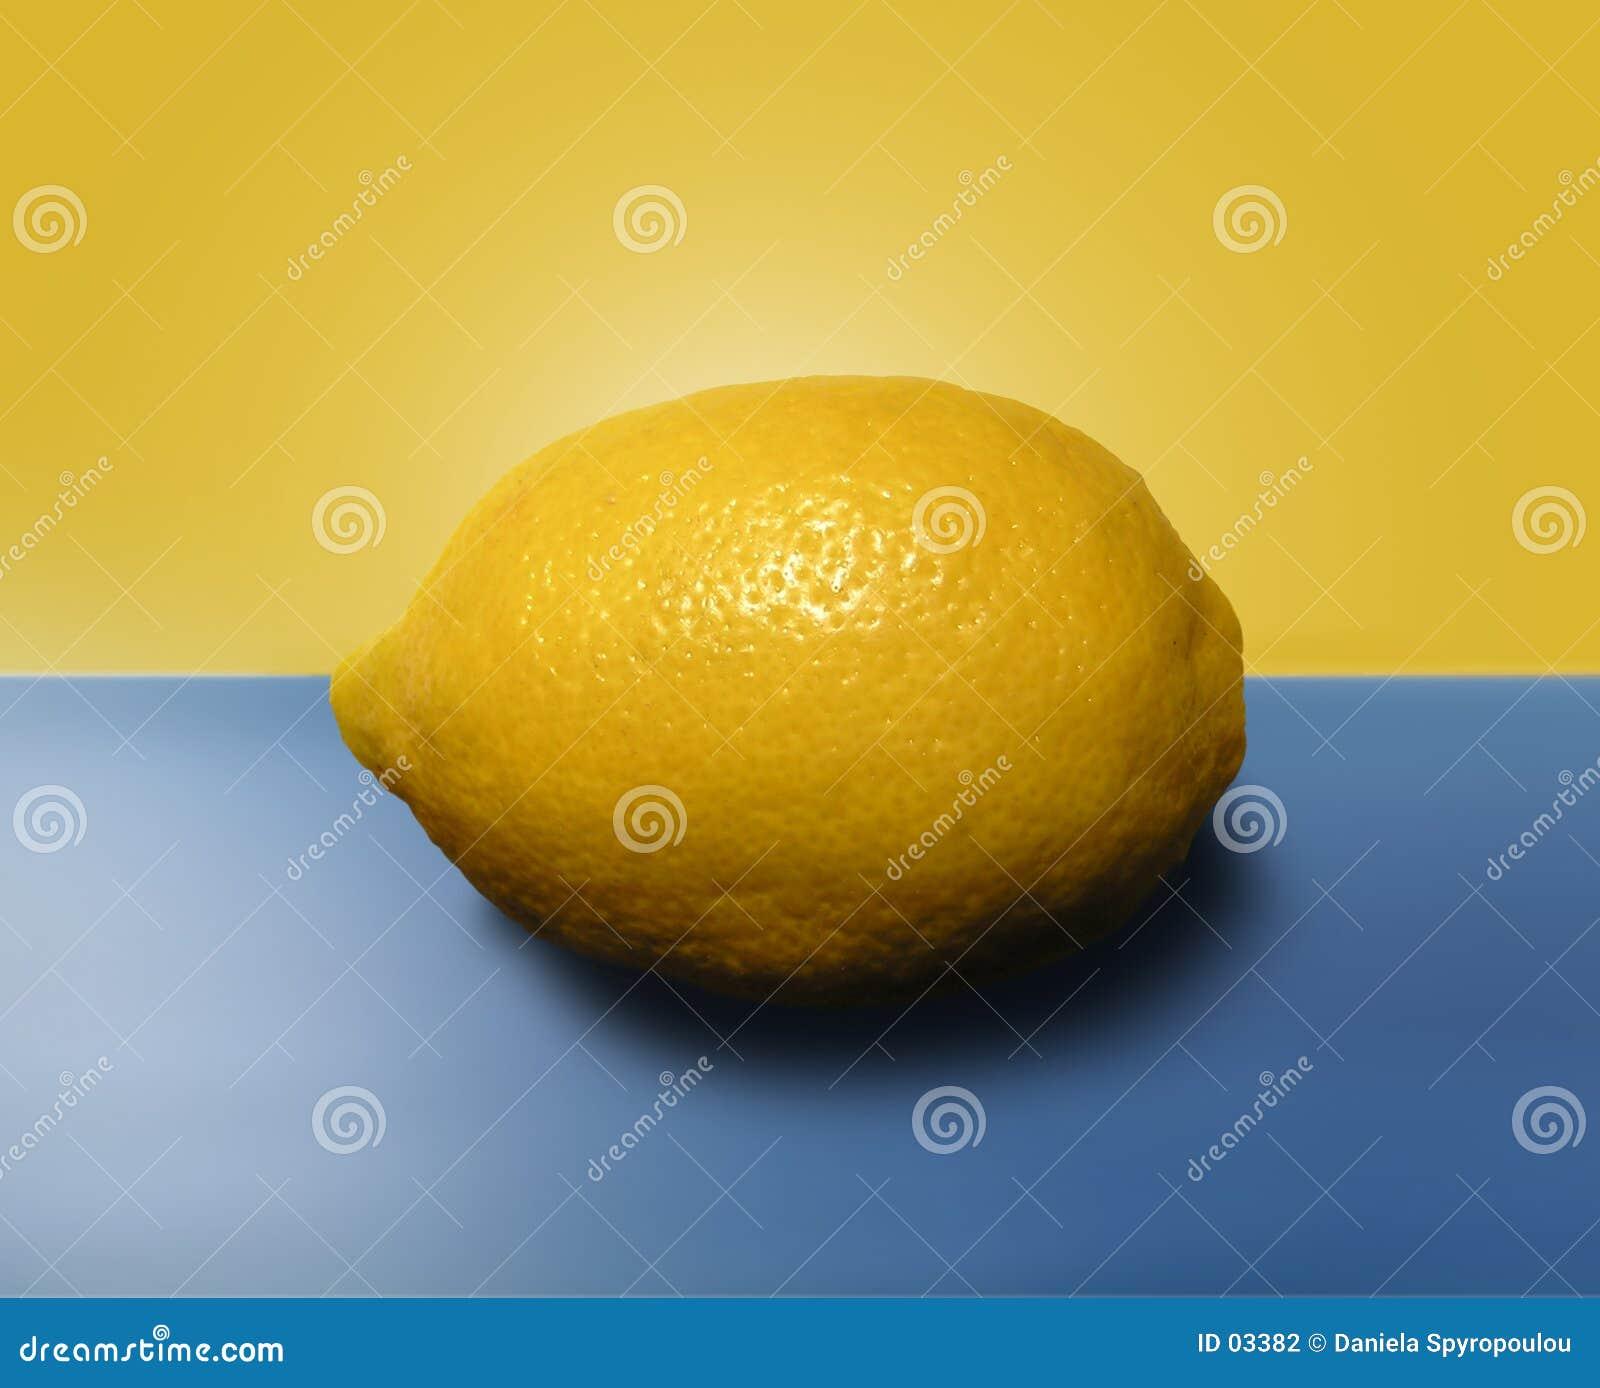 Download Limone fotografia stock. Immagine di oggetti, yellow, limone - 3382